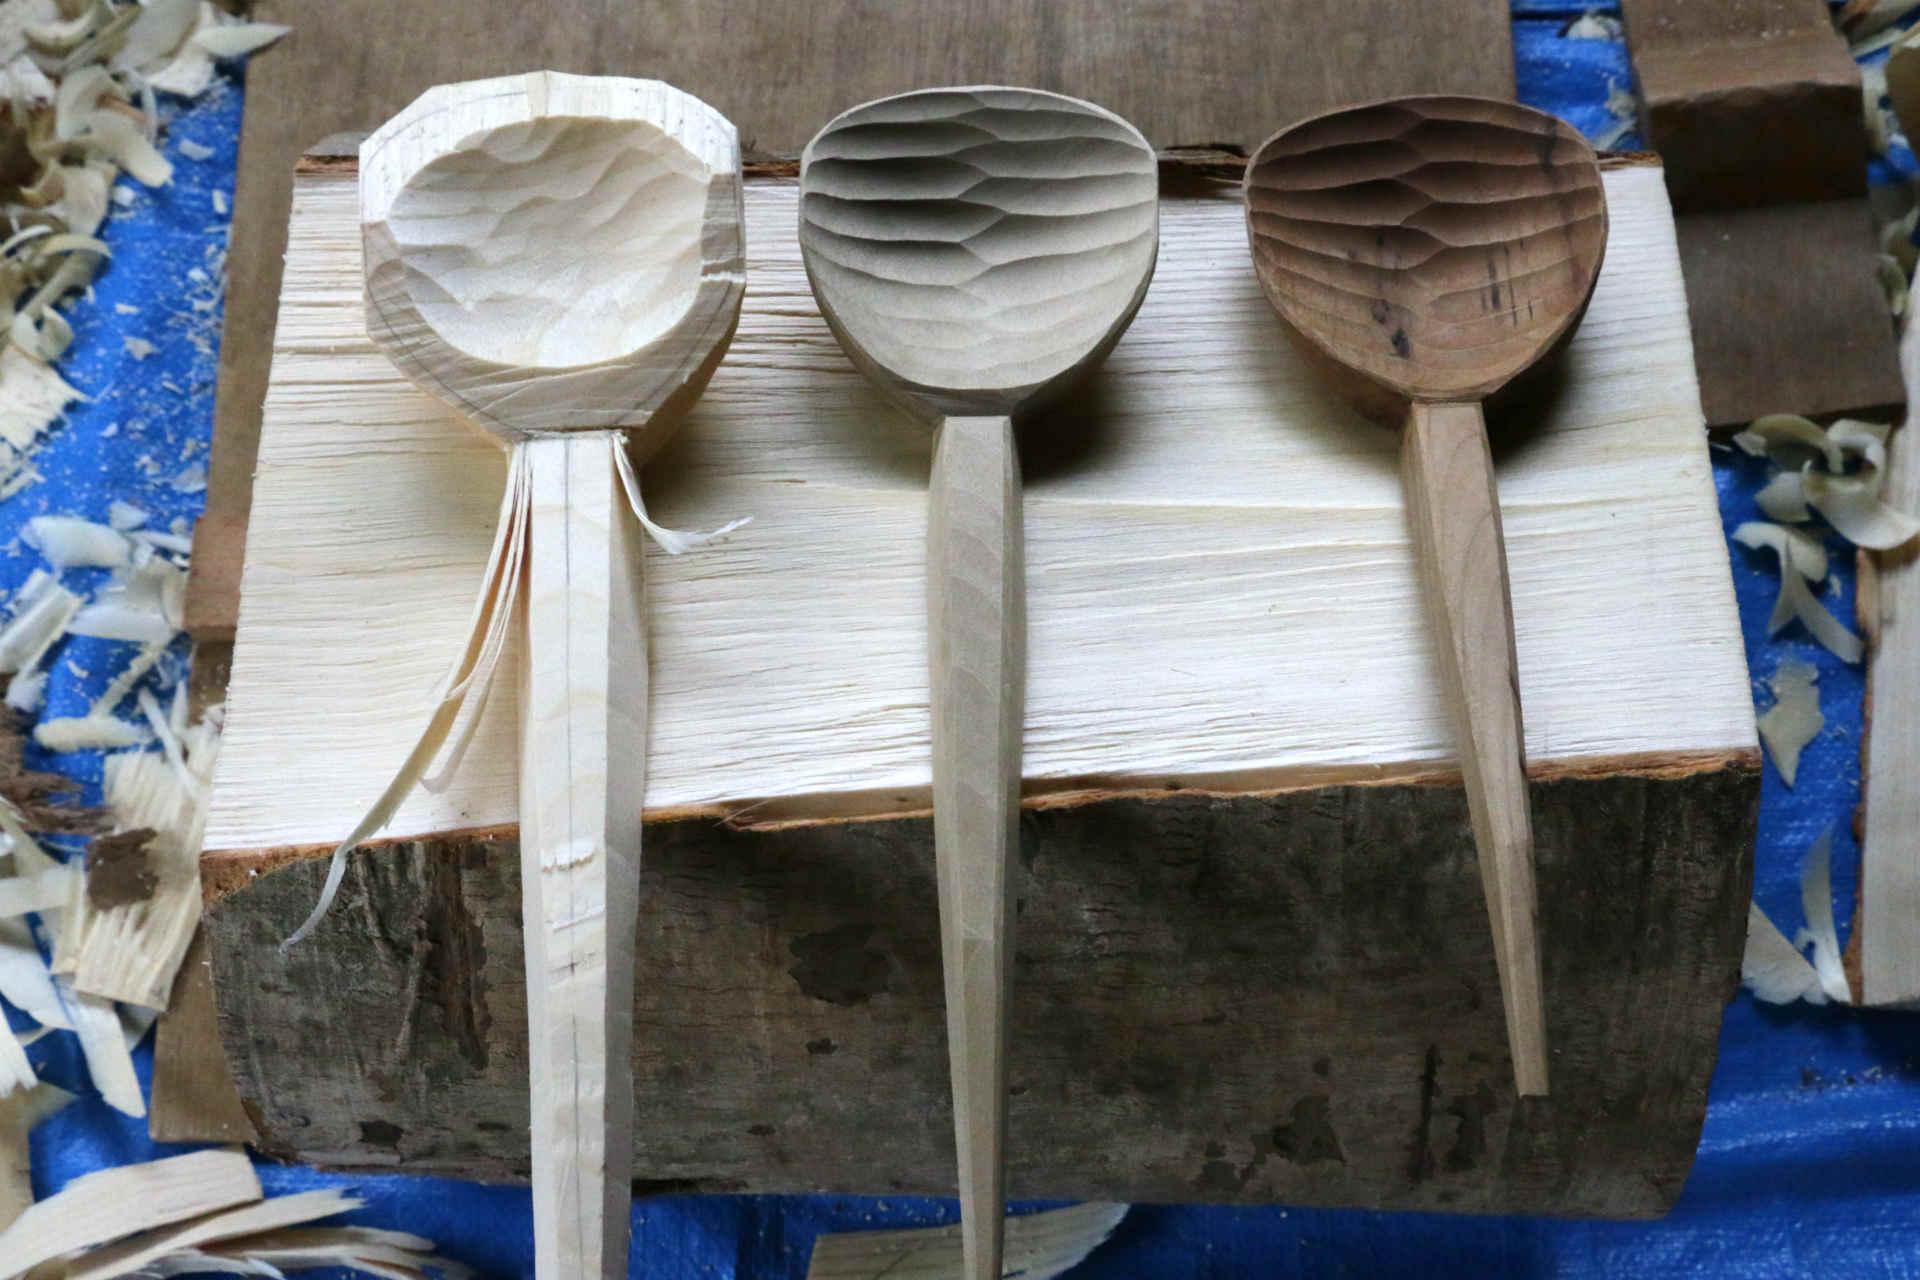 取材した工房にて。左が作り途中、真ん中が完成品 (大) 、右が奥井さんのご家庭で数年使われている有道杓子 (小) 。使うごとに木の繊維が少しずつ油分を含み、木工でいうオイルフィニッシュのようになるそう